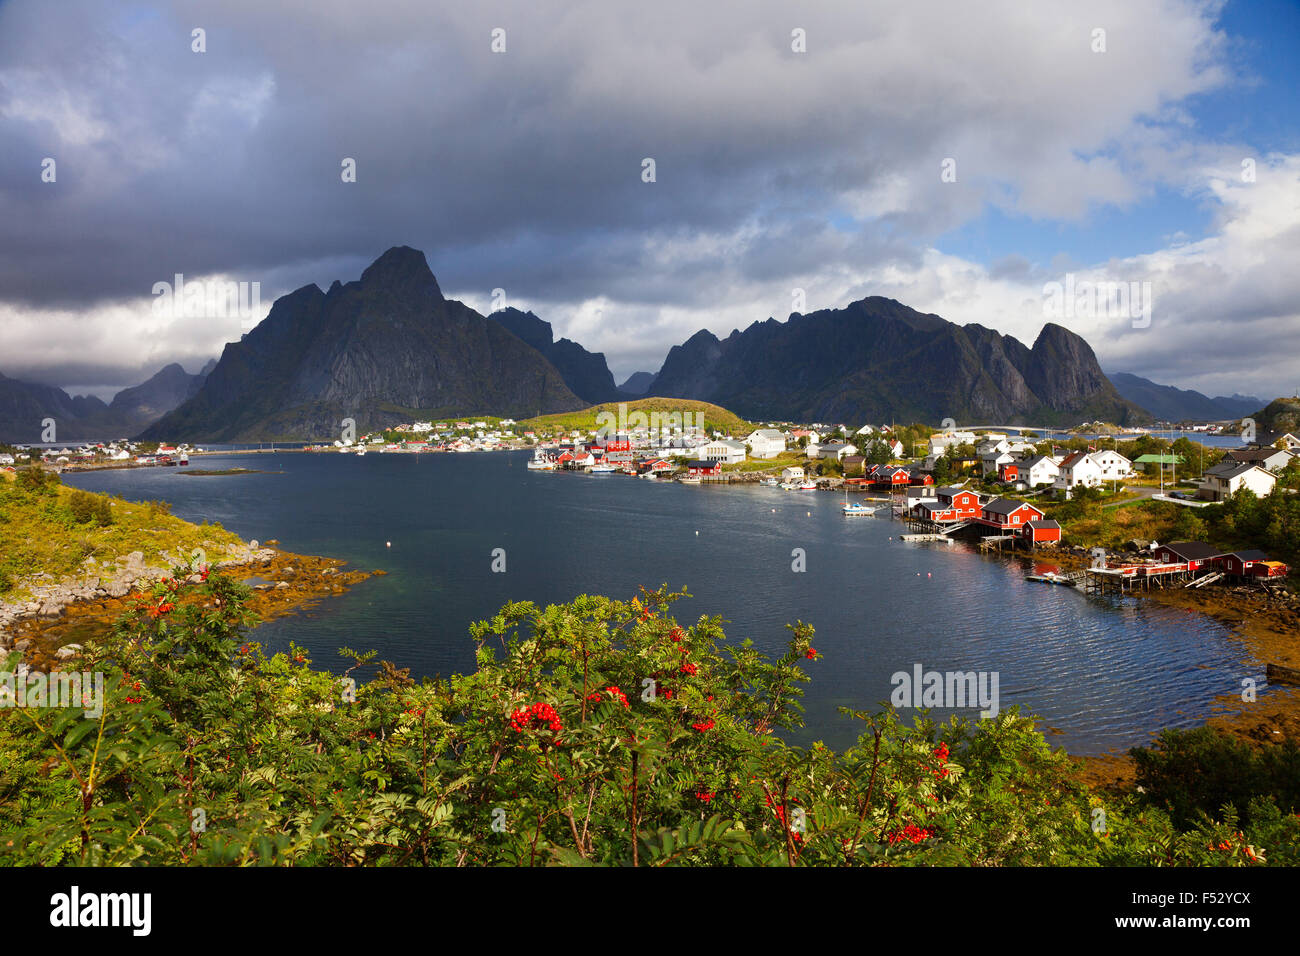 Reine, village, mountains, Olstinden, Festhelltinden, Lofoten, Norway - Stock Image